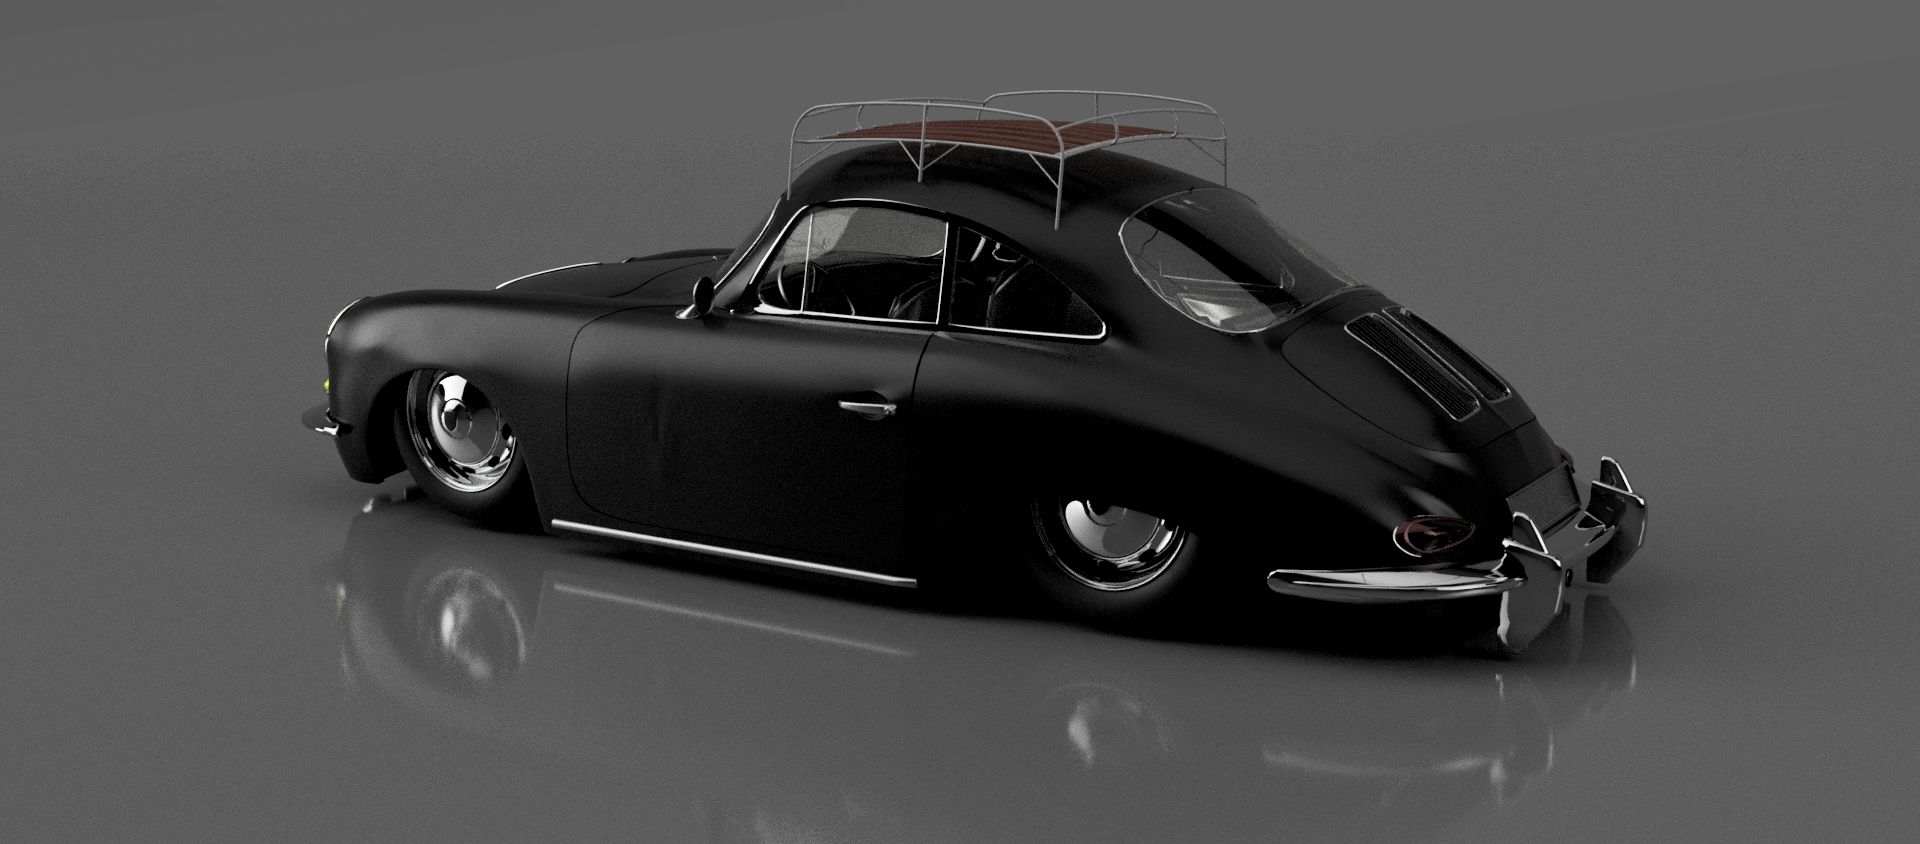 Porsche-356-c-v2-8-3500-3500